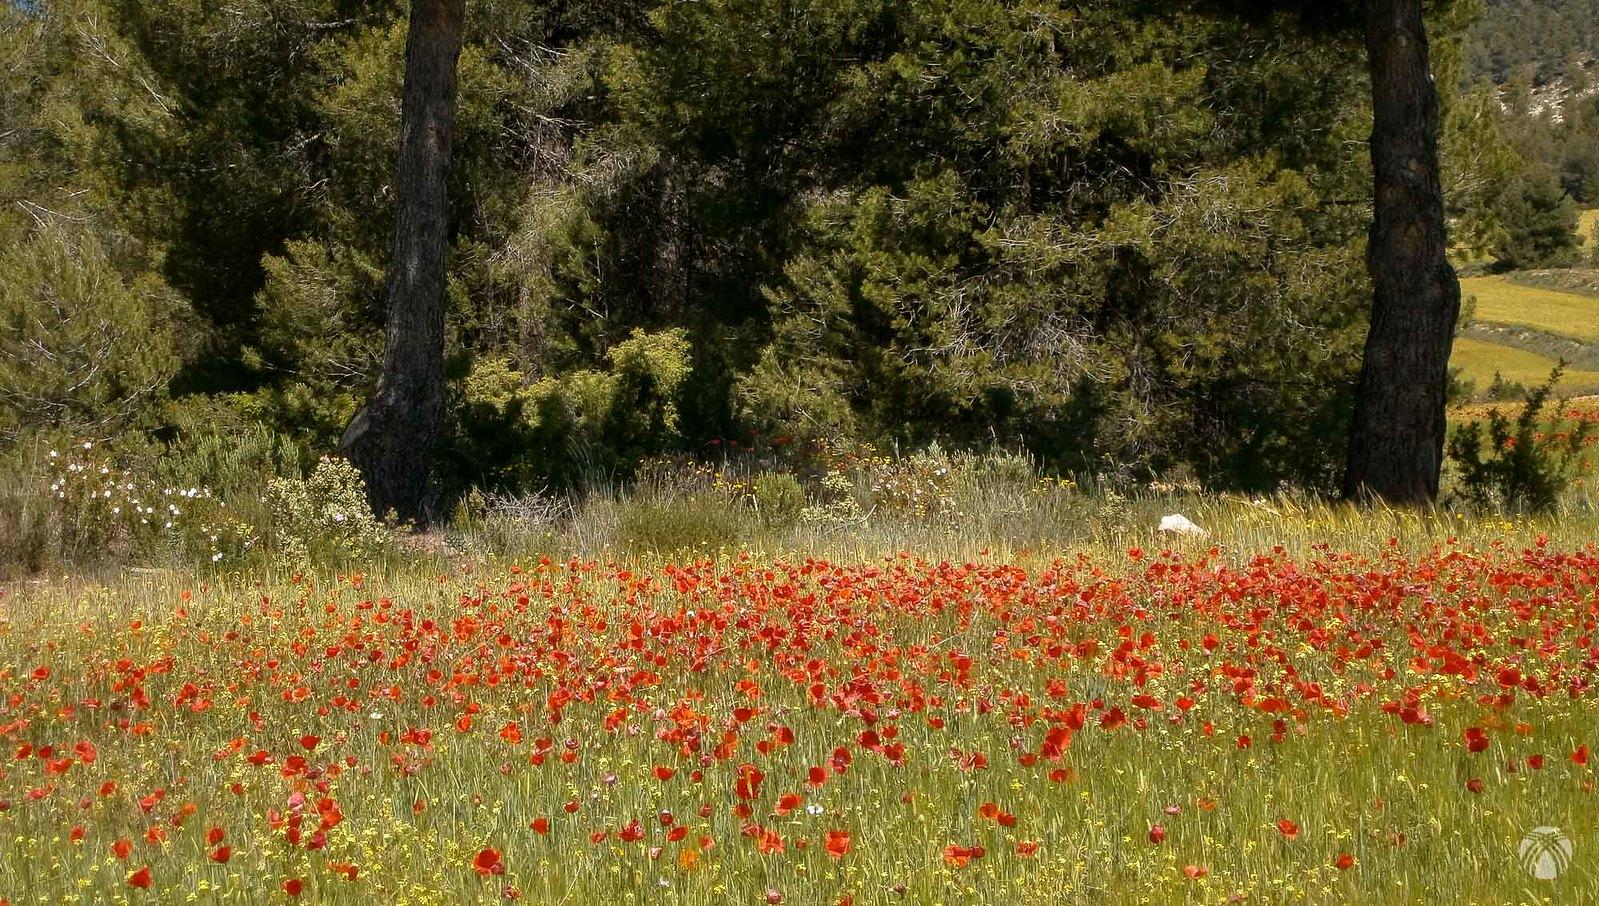 Campos de amapolas. Muy habituales en el noroeste en los meses de Abril y Mayo